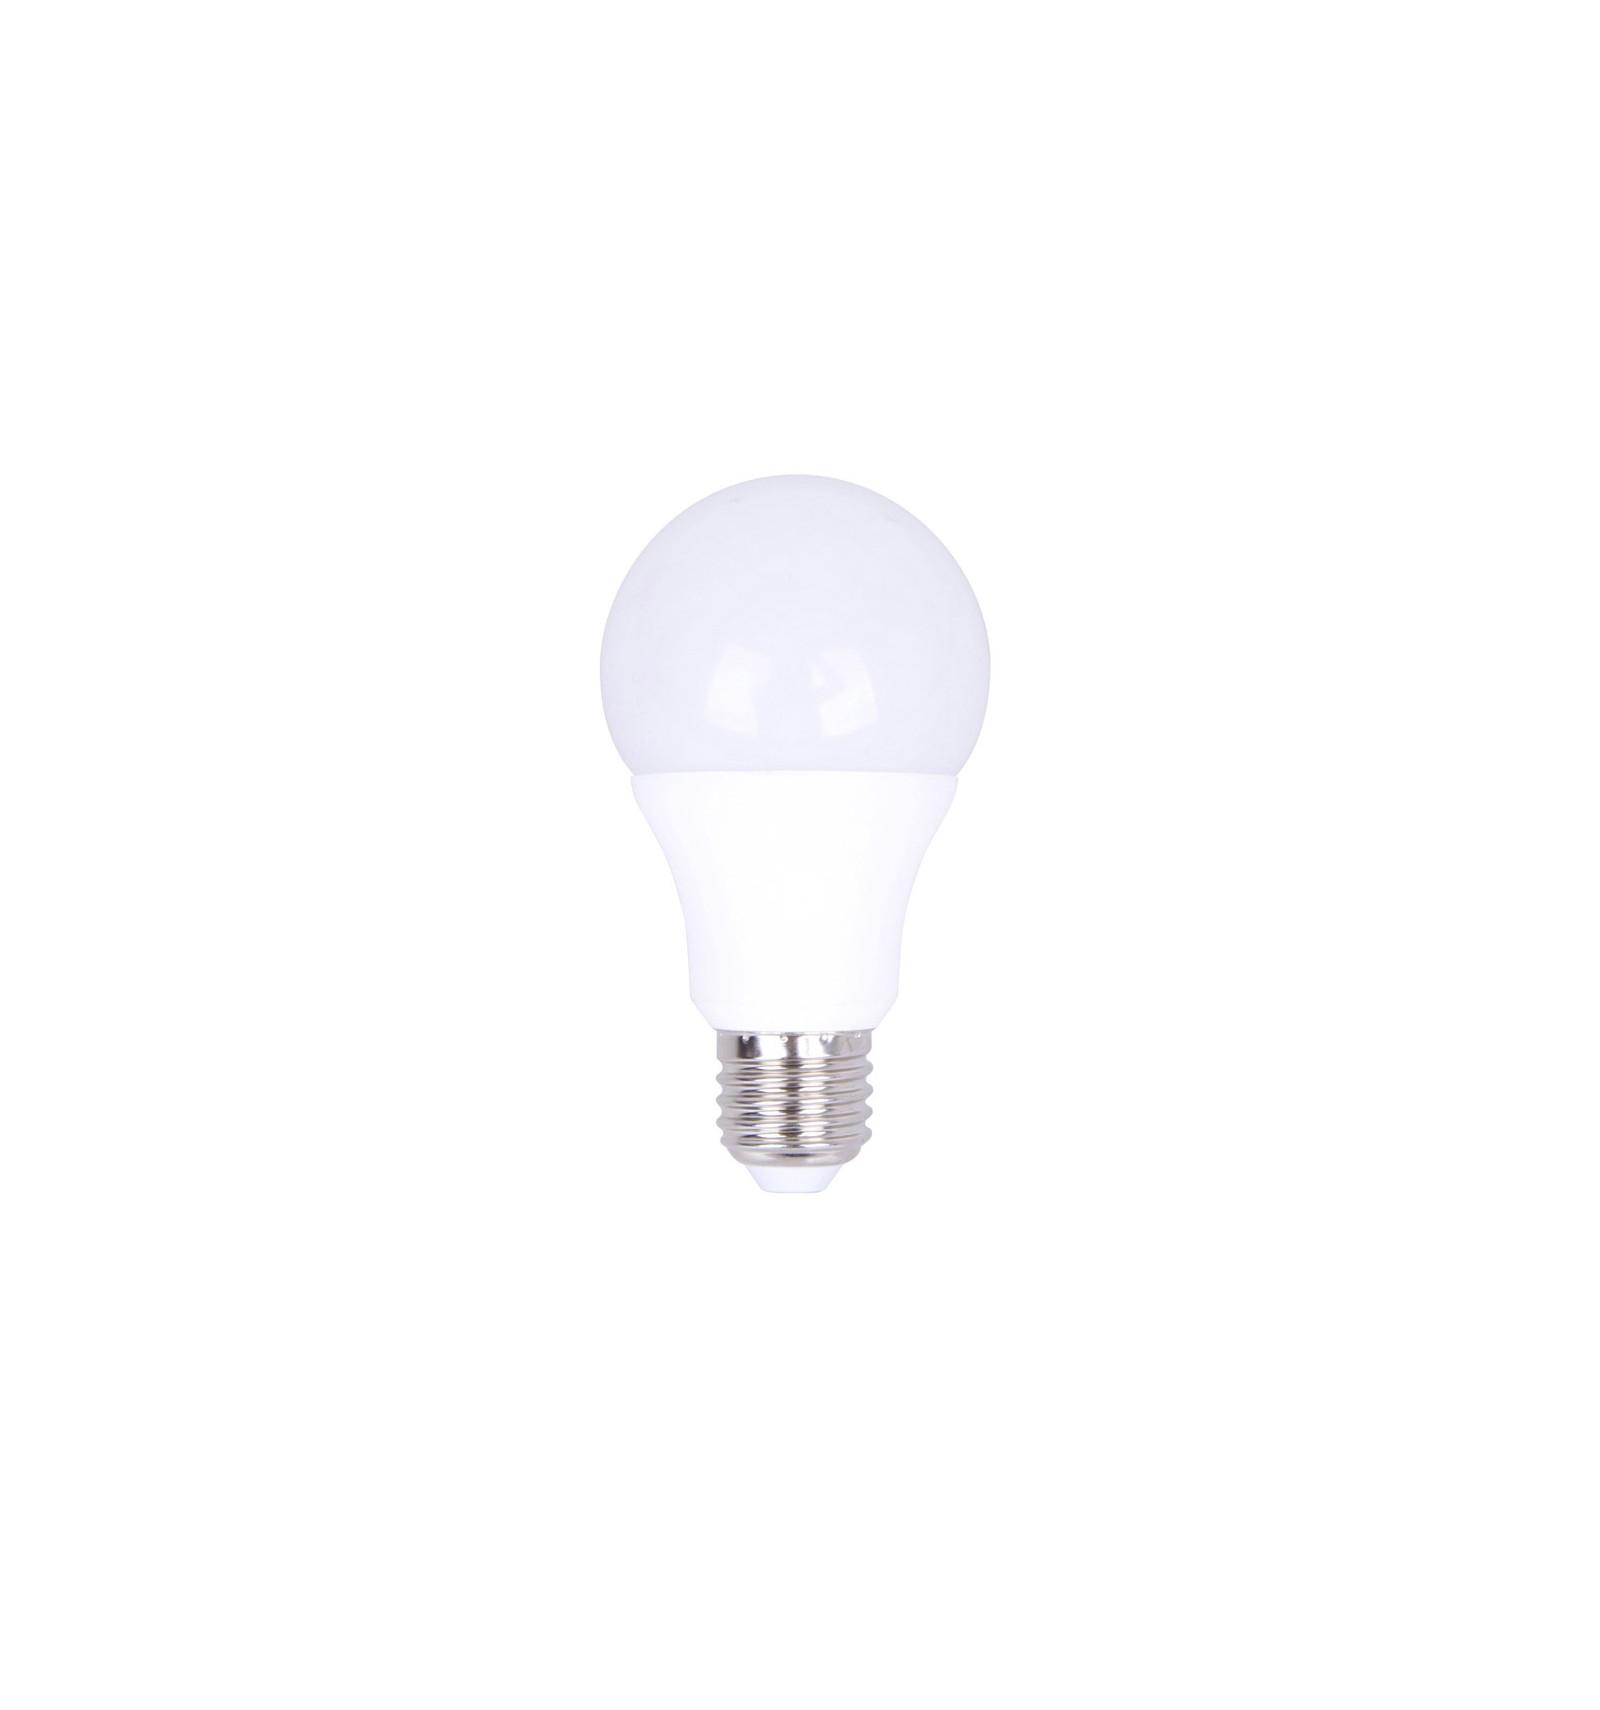 ampoule led e27 15w blanc chaud 2700k projecteur led shop. Black Bedroom Furniture Sets. Home Design Ideas